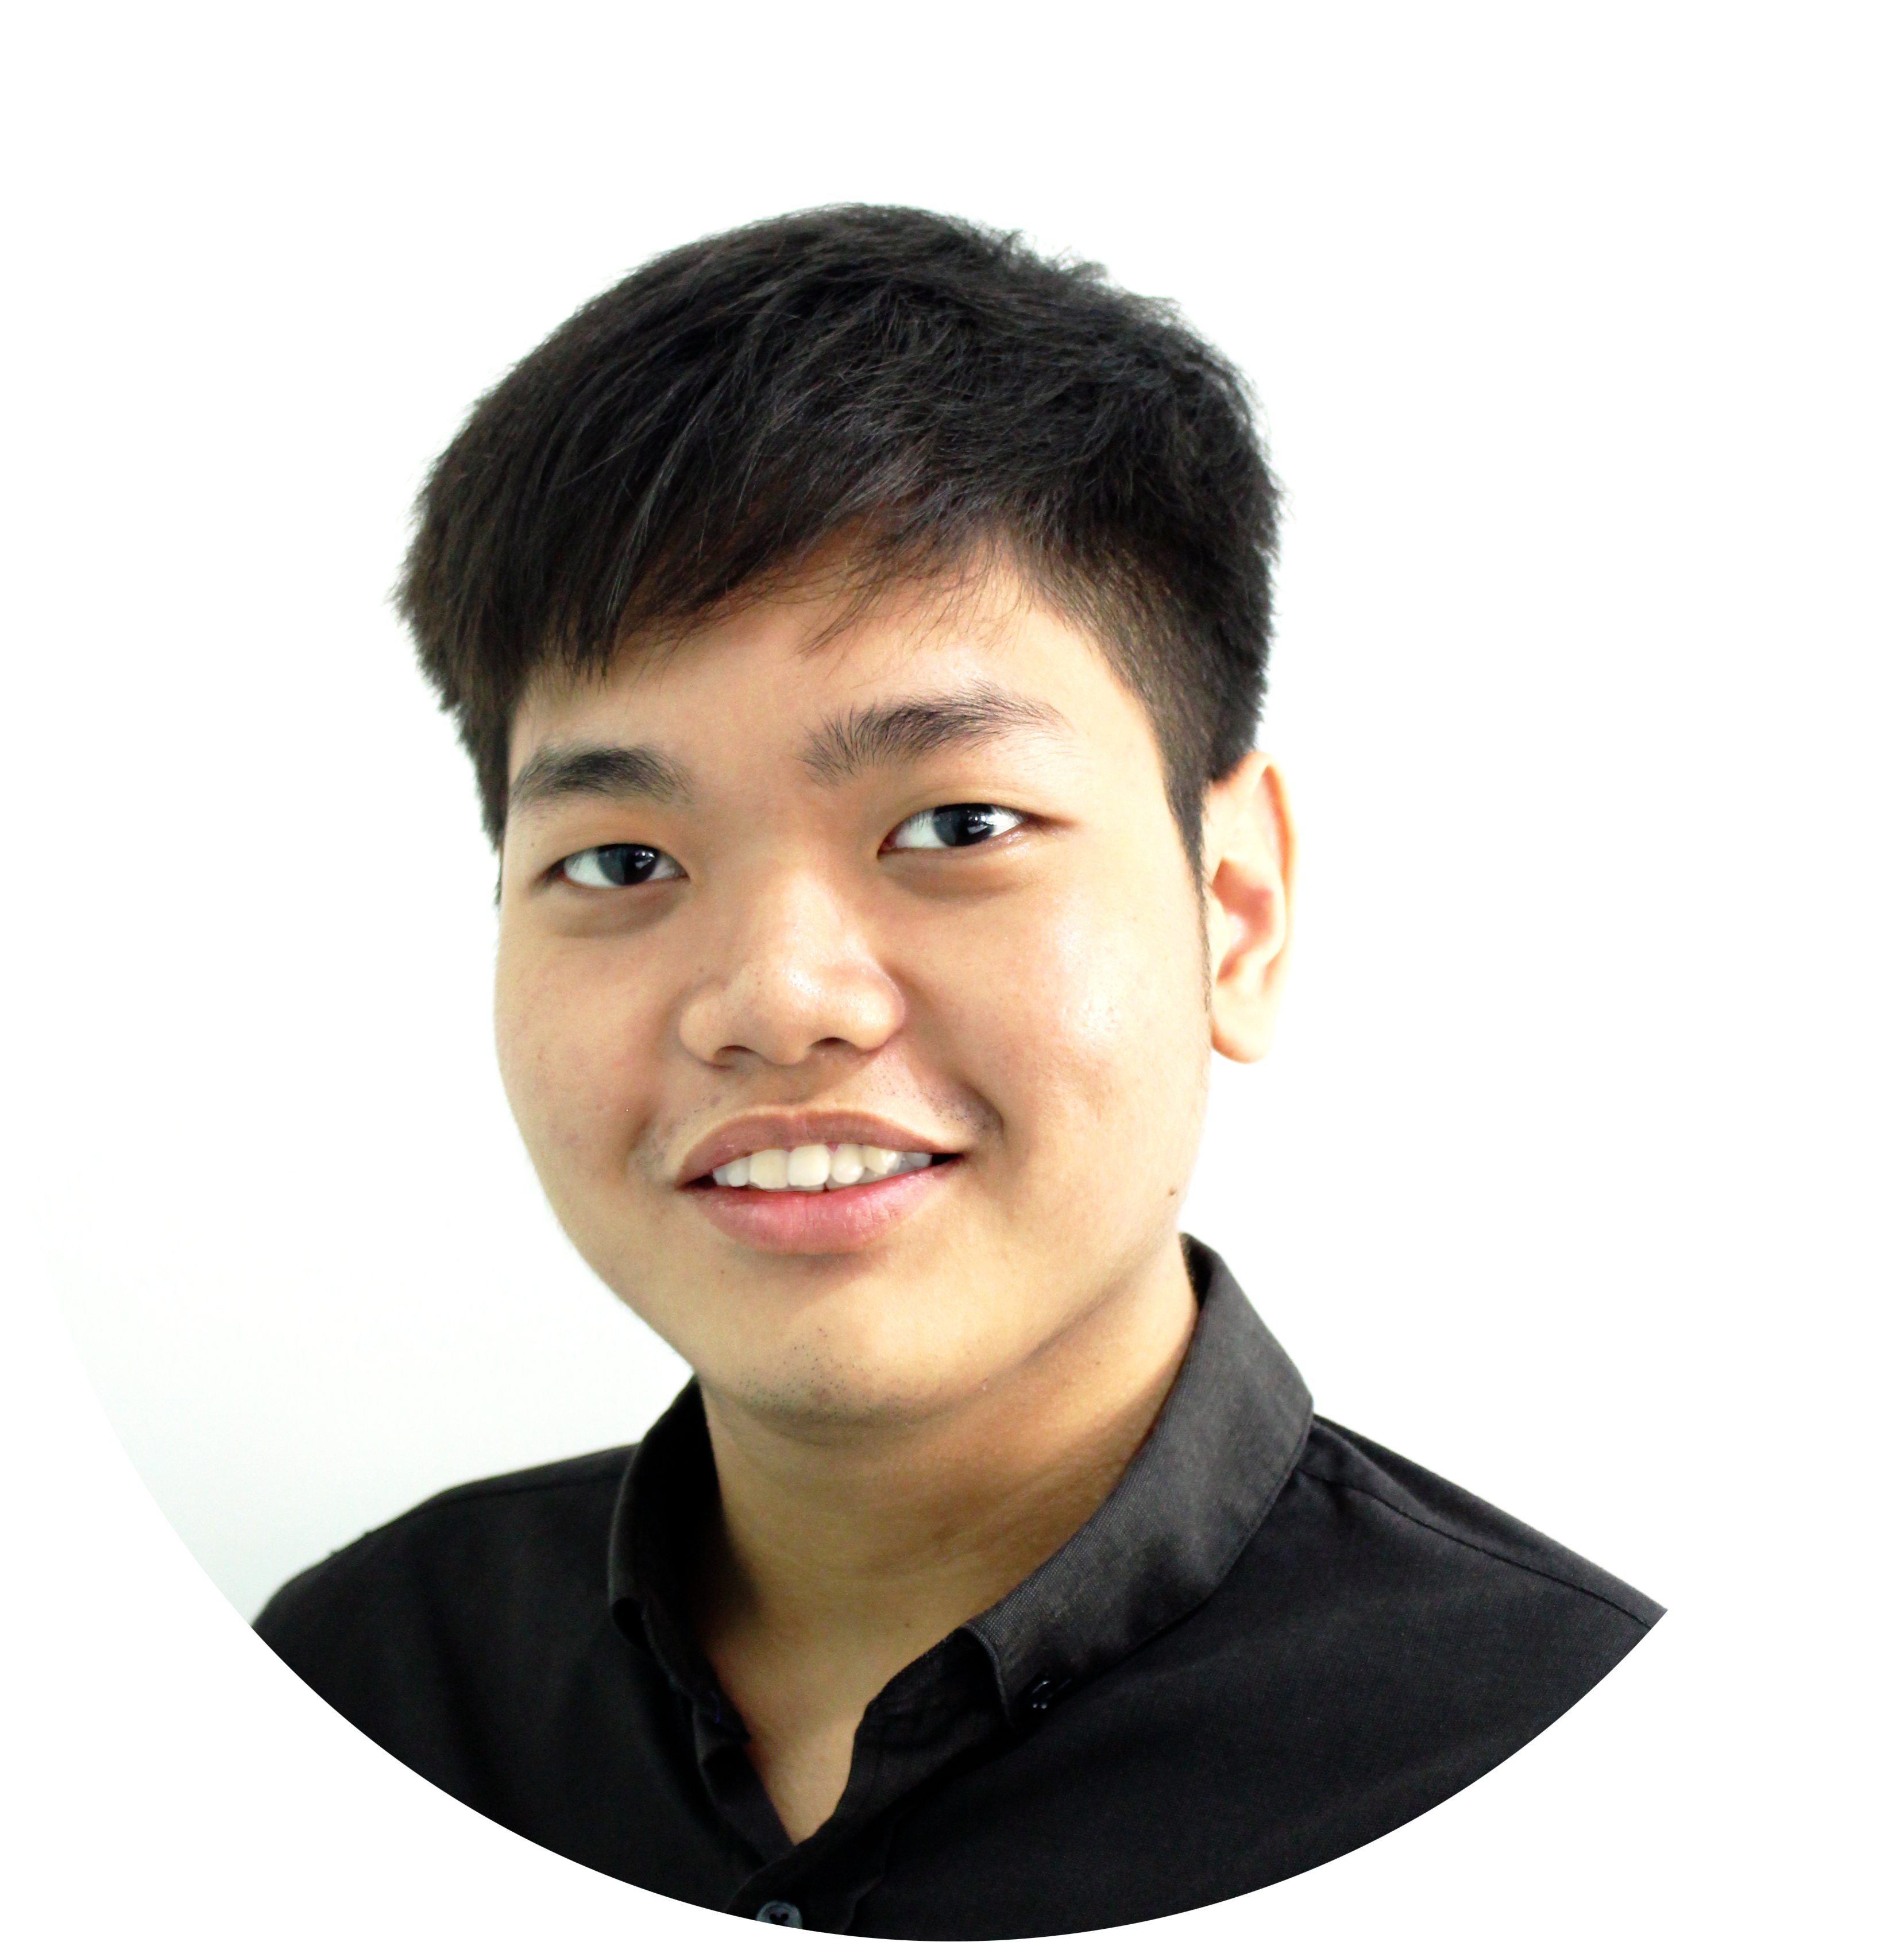 Thieu Quang Tuan